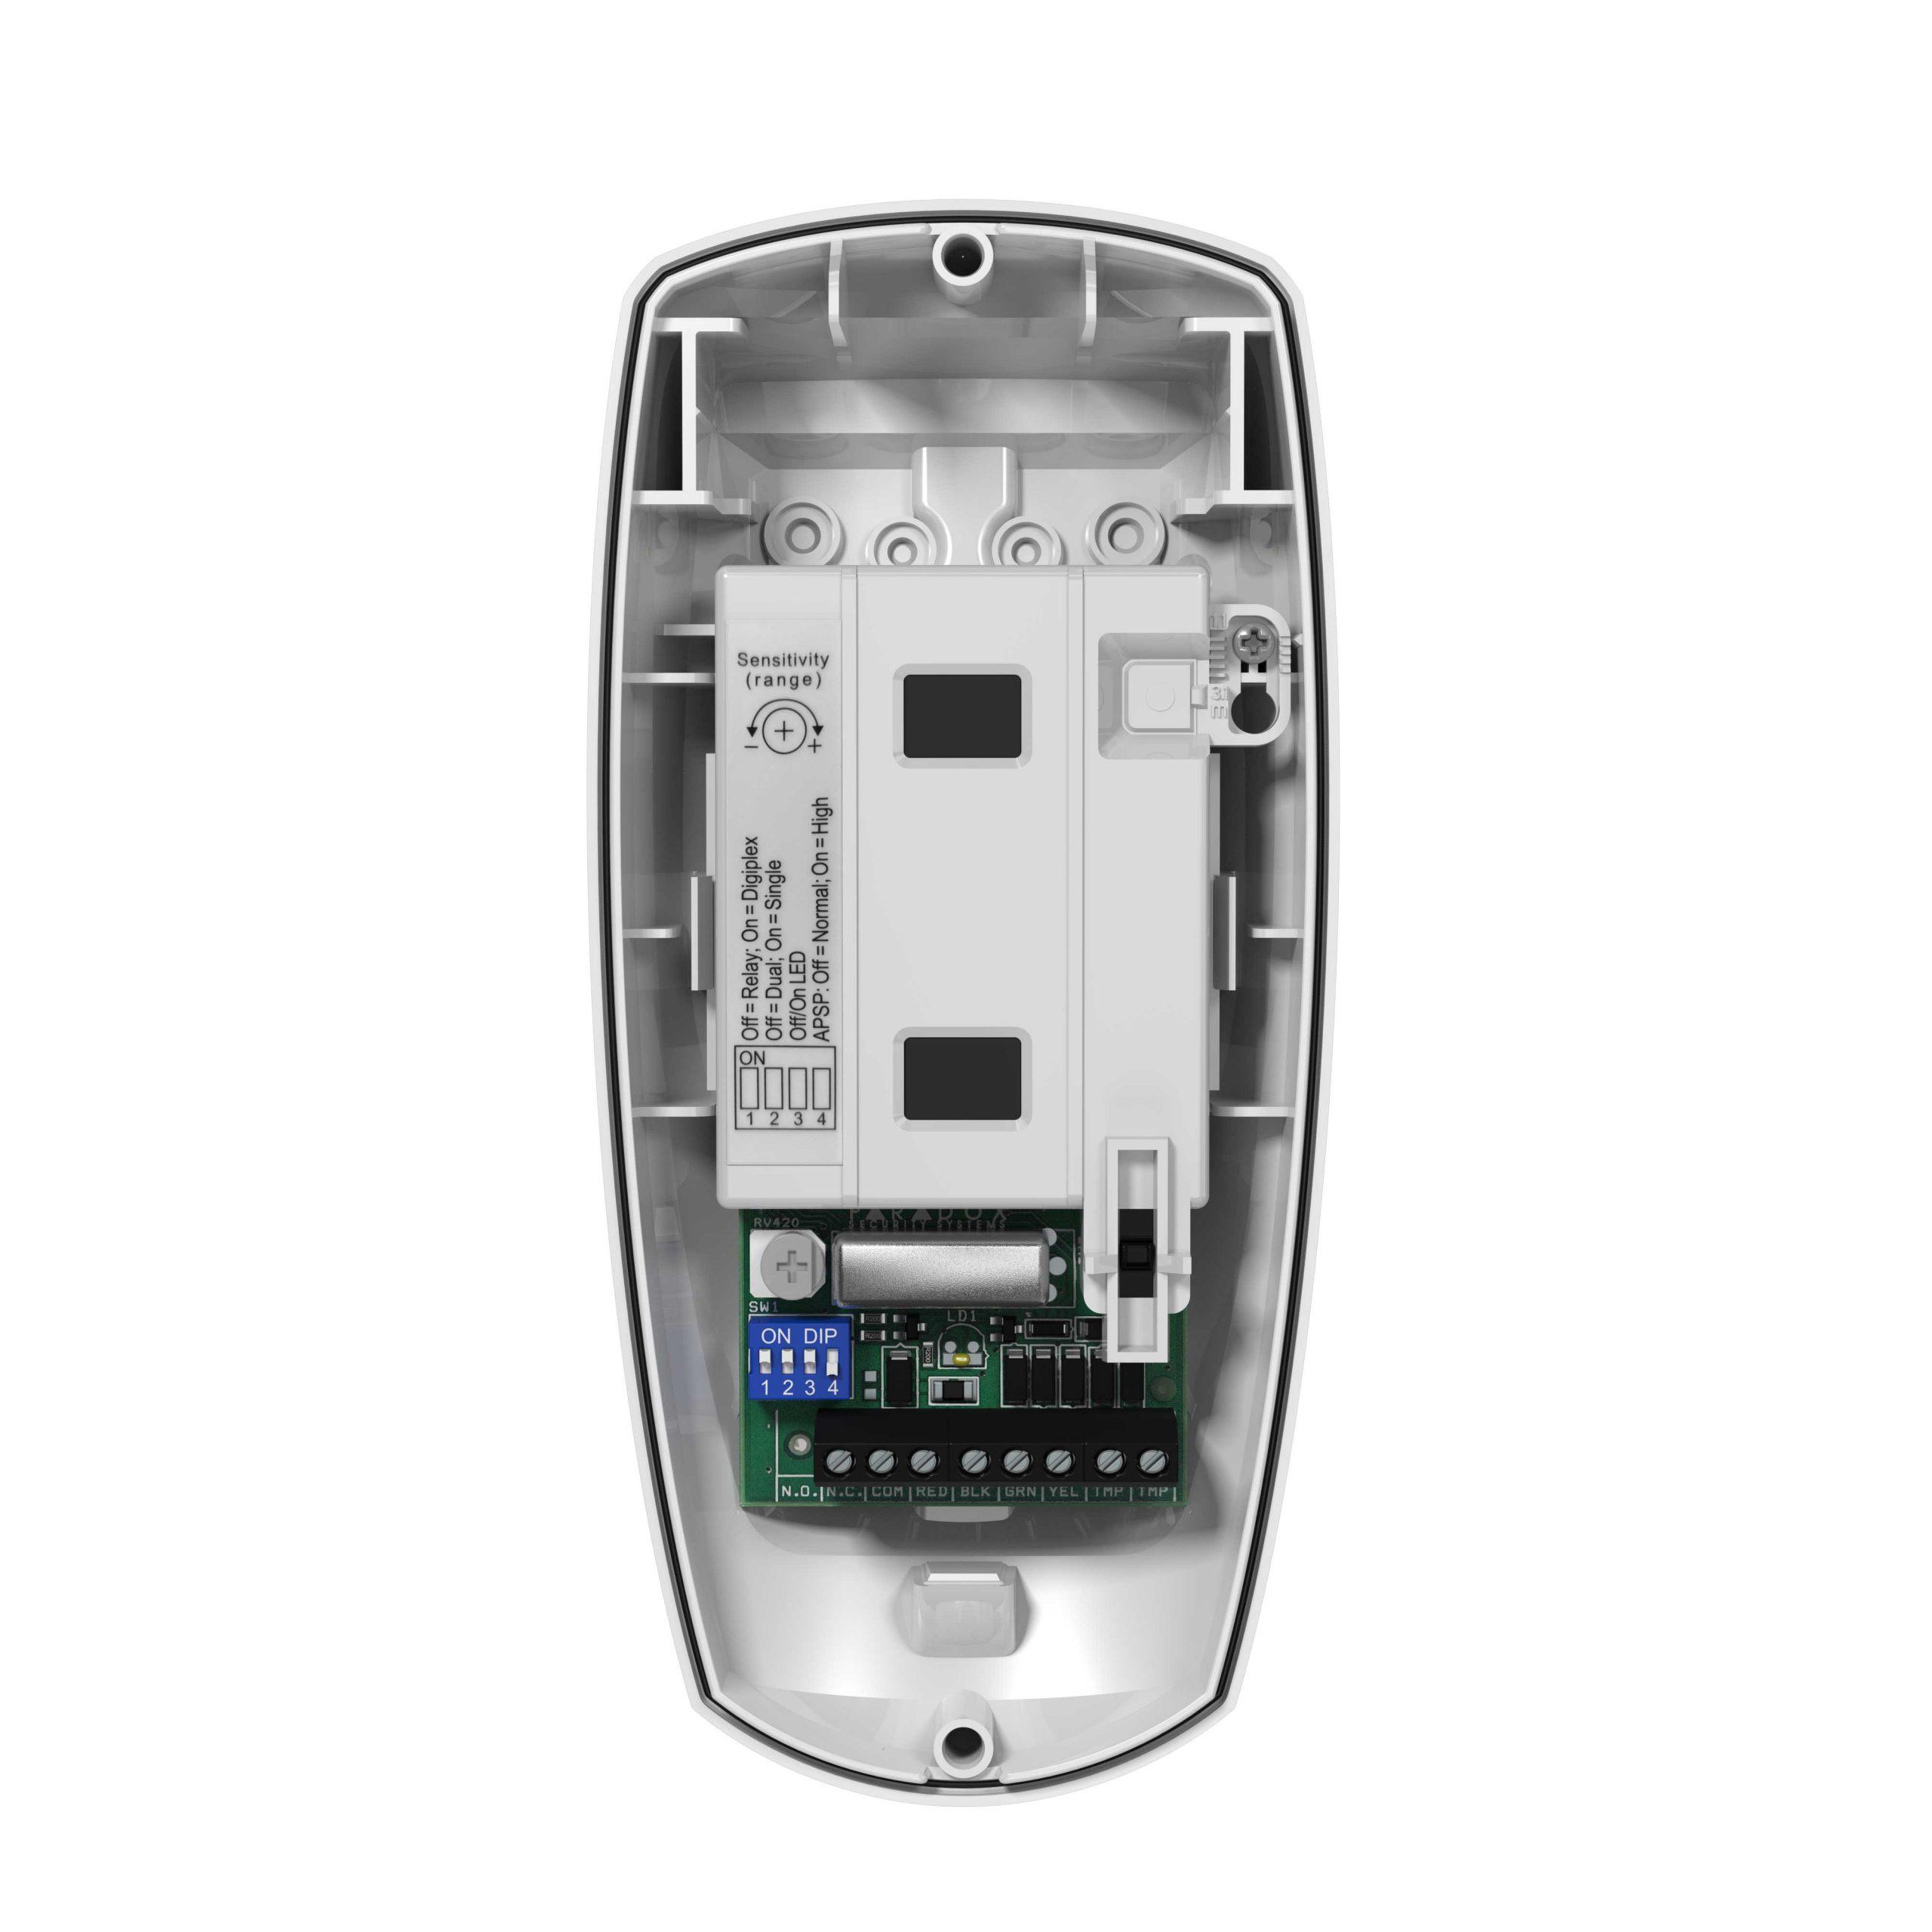 ماژول ردیاب حرکت دیجیتال با امنیت بالا در فضای بازسری DG85 پارادوکس